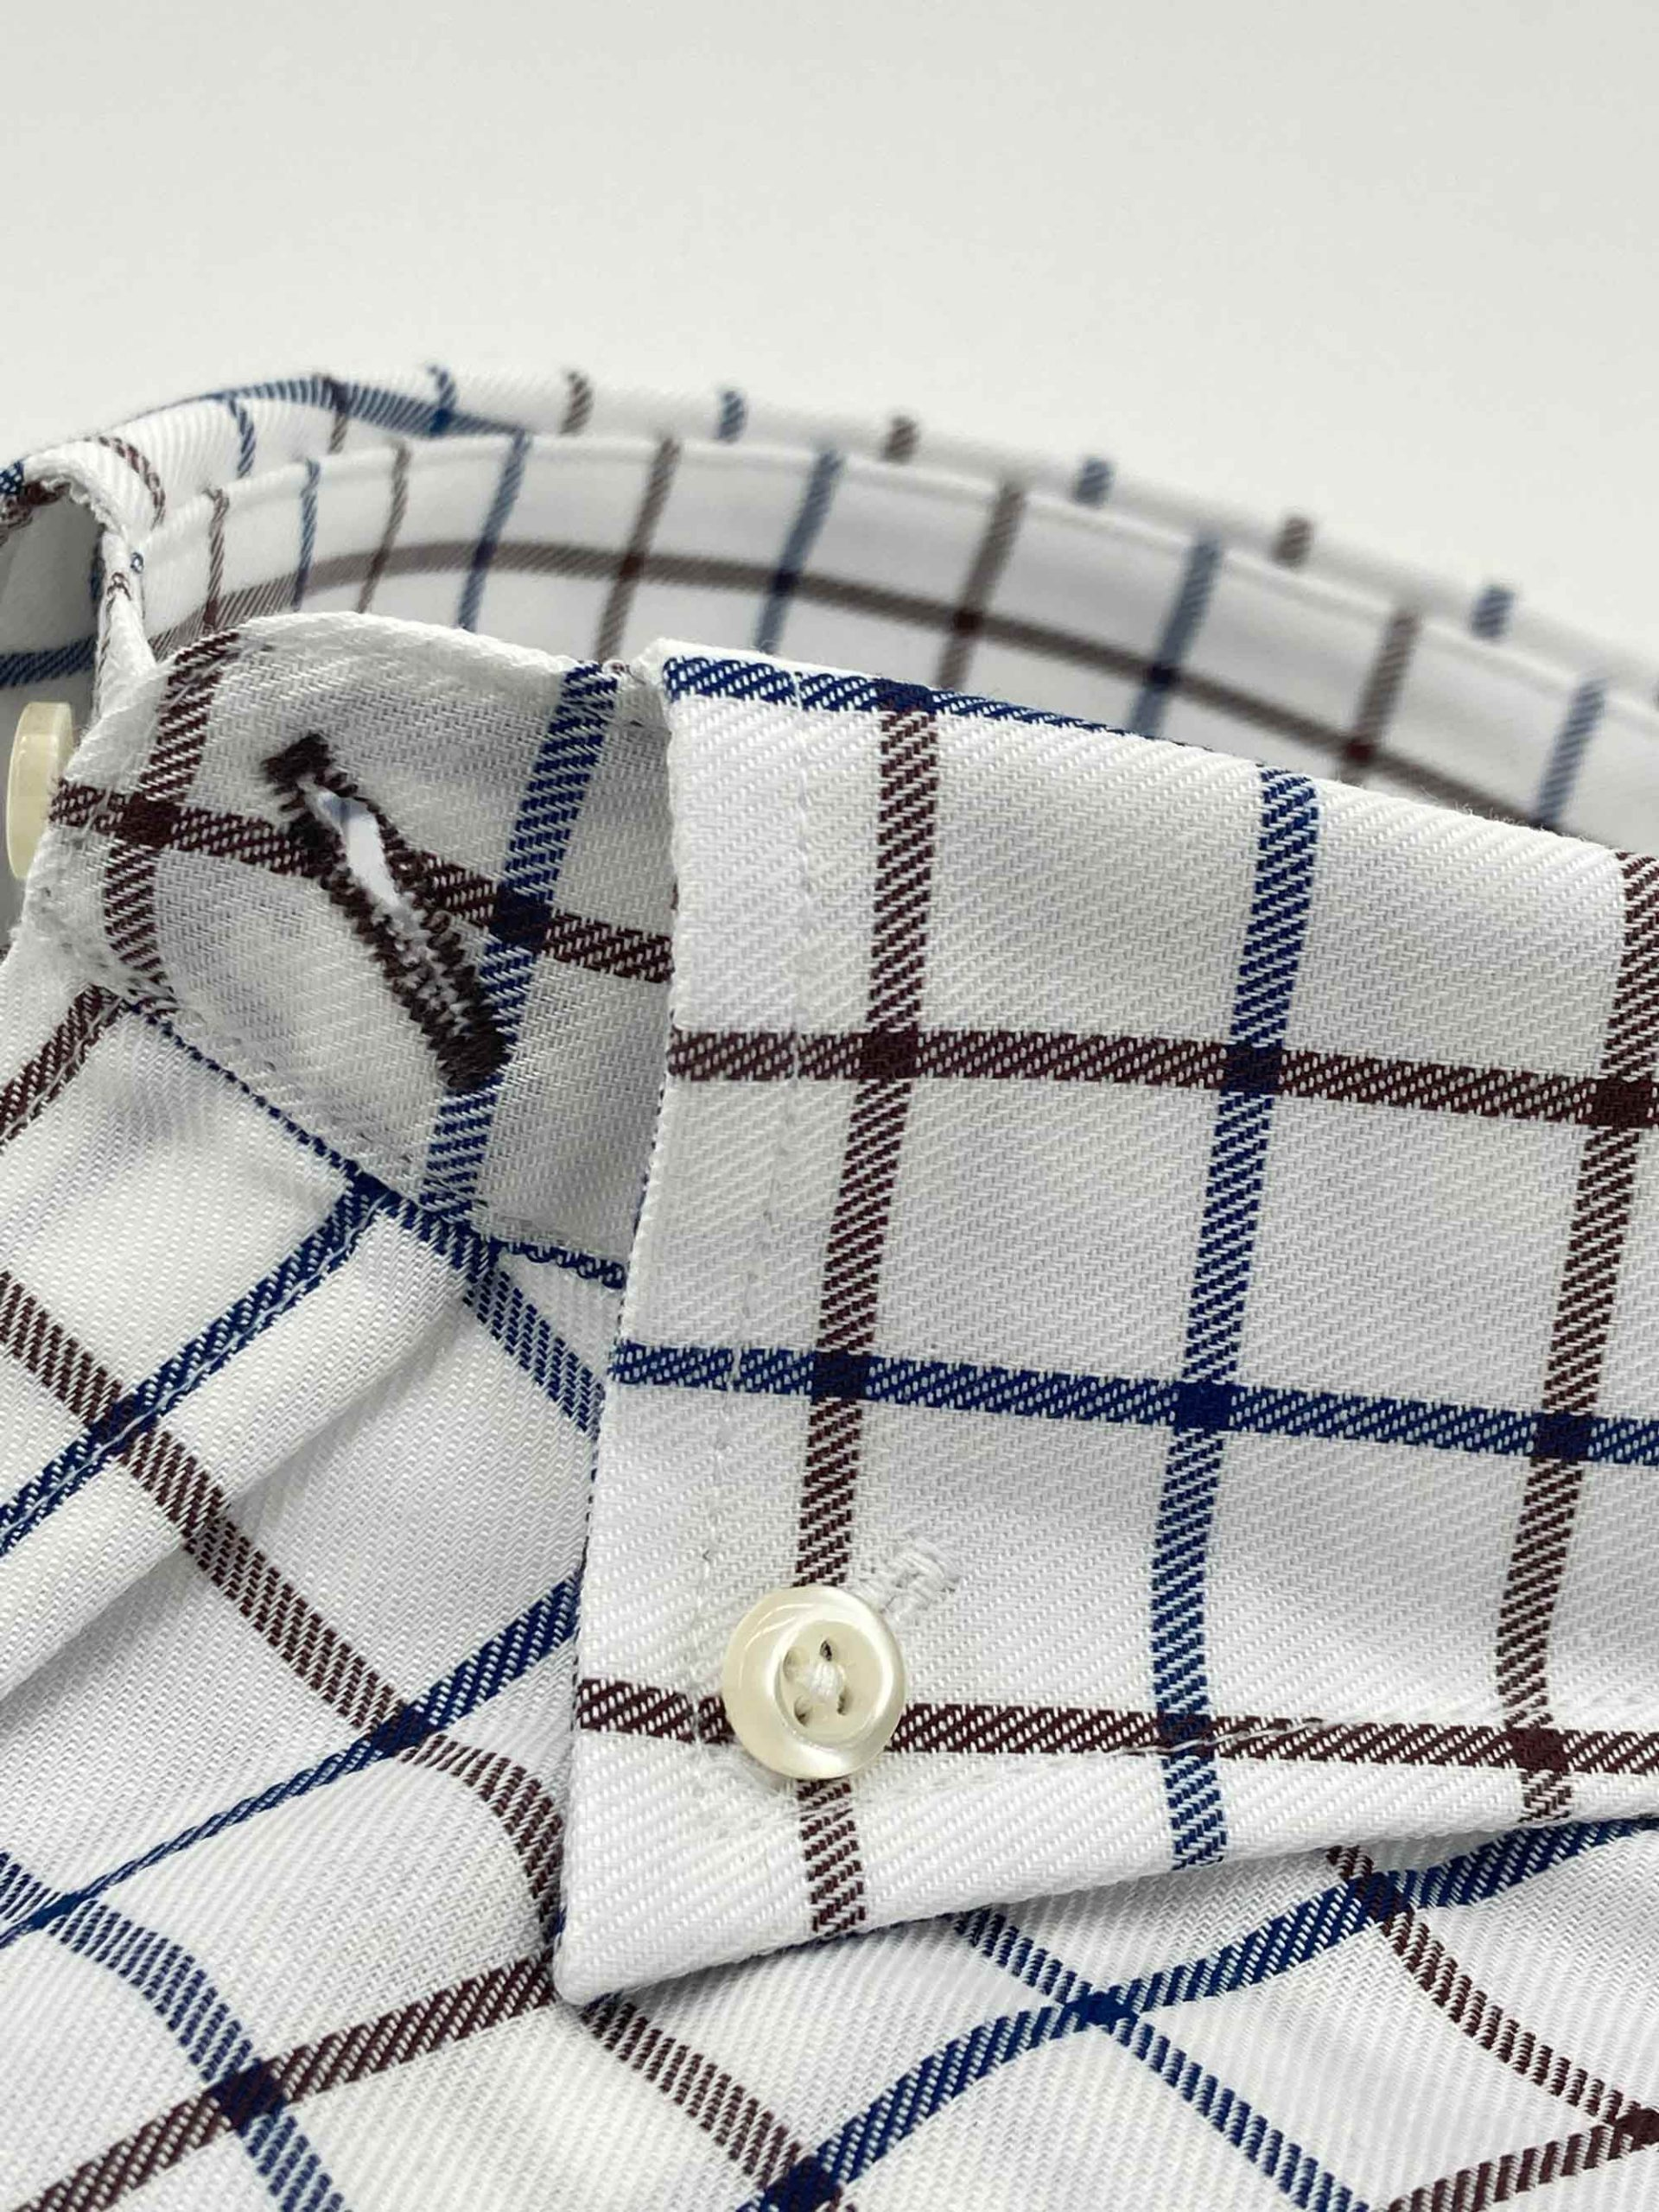 camisas buona fortuna comprar online camisas italianas exlusivas cuadros marrones azules fondo beige